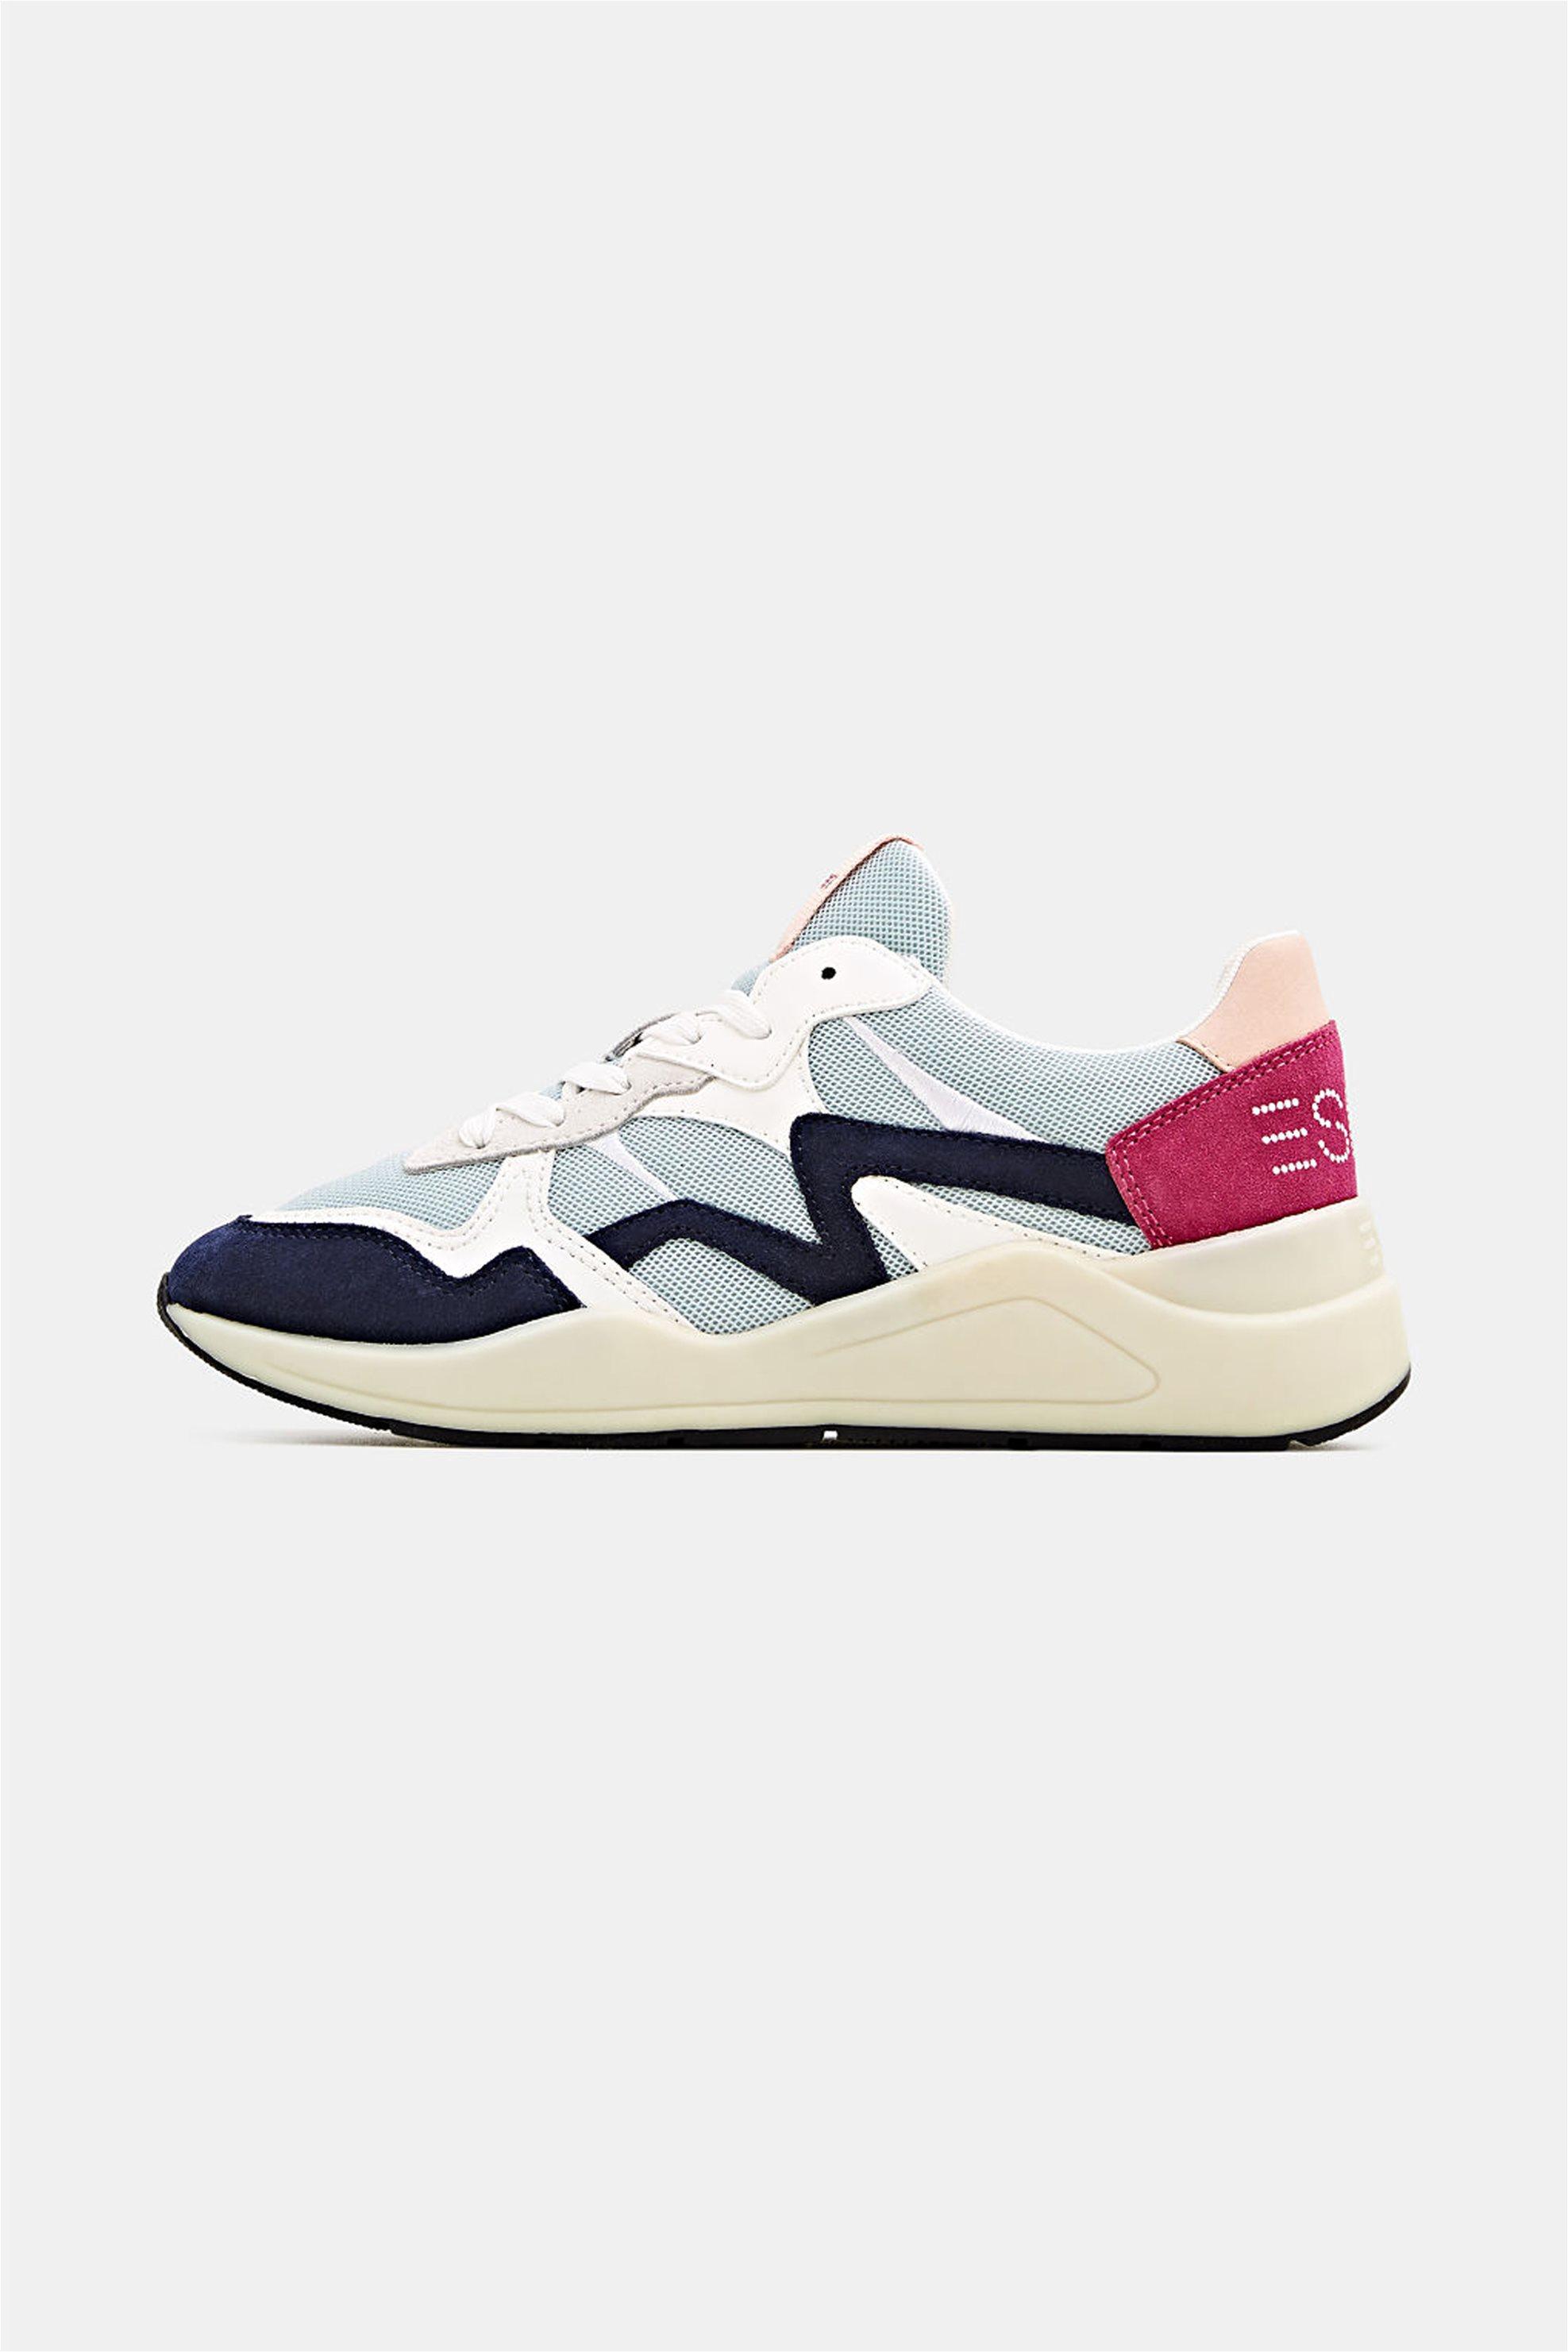 Esprit γυναικεία sneakers με κορδόνια – 020EK1W333 – Γκρι